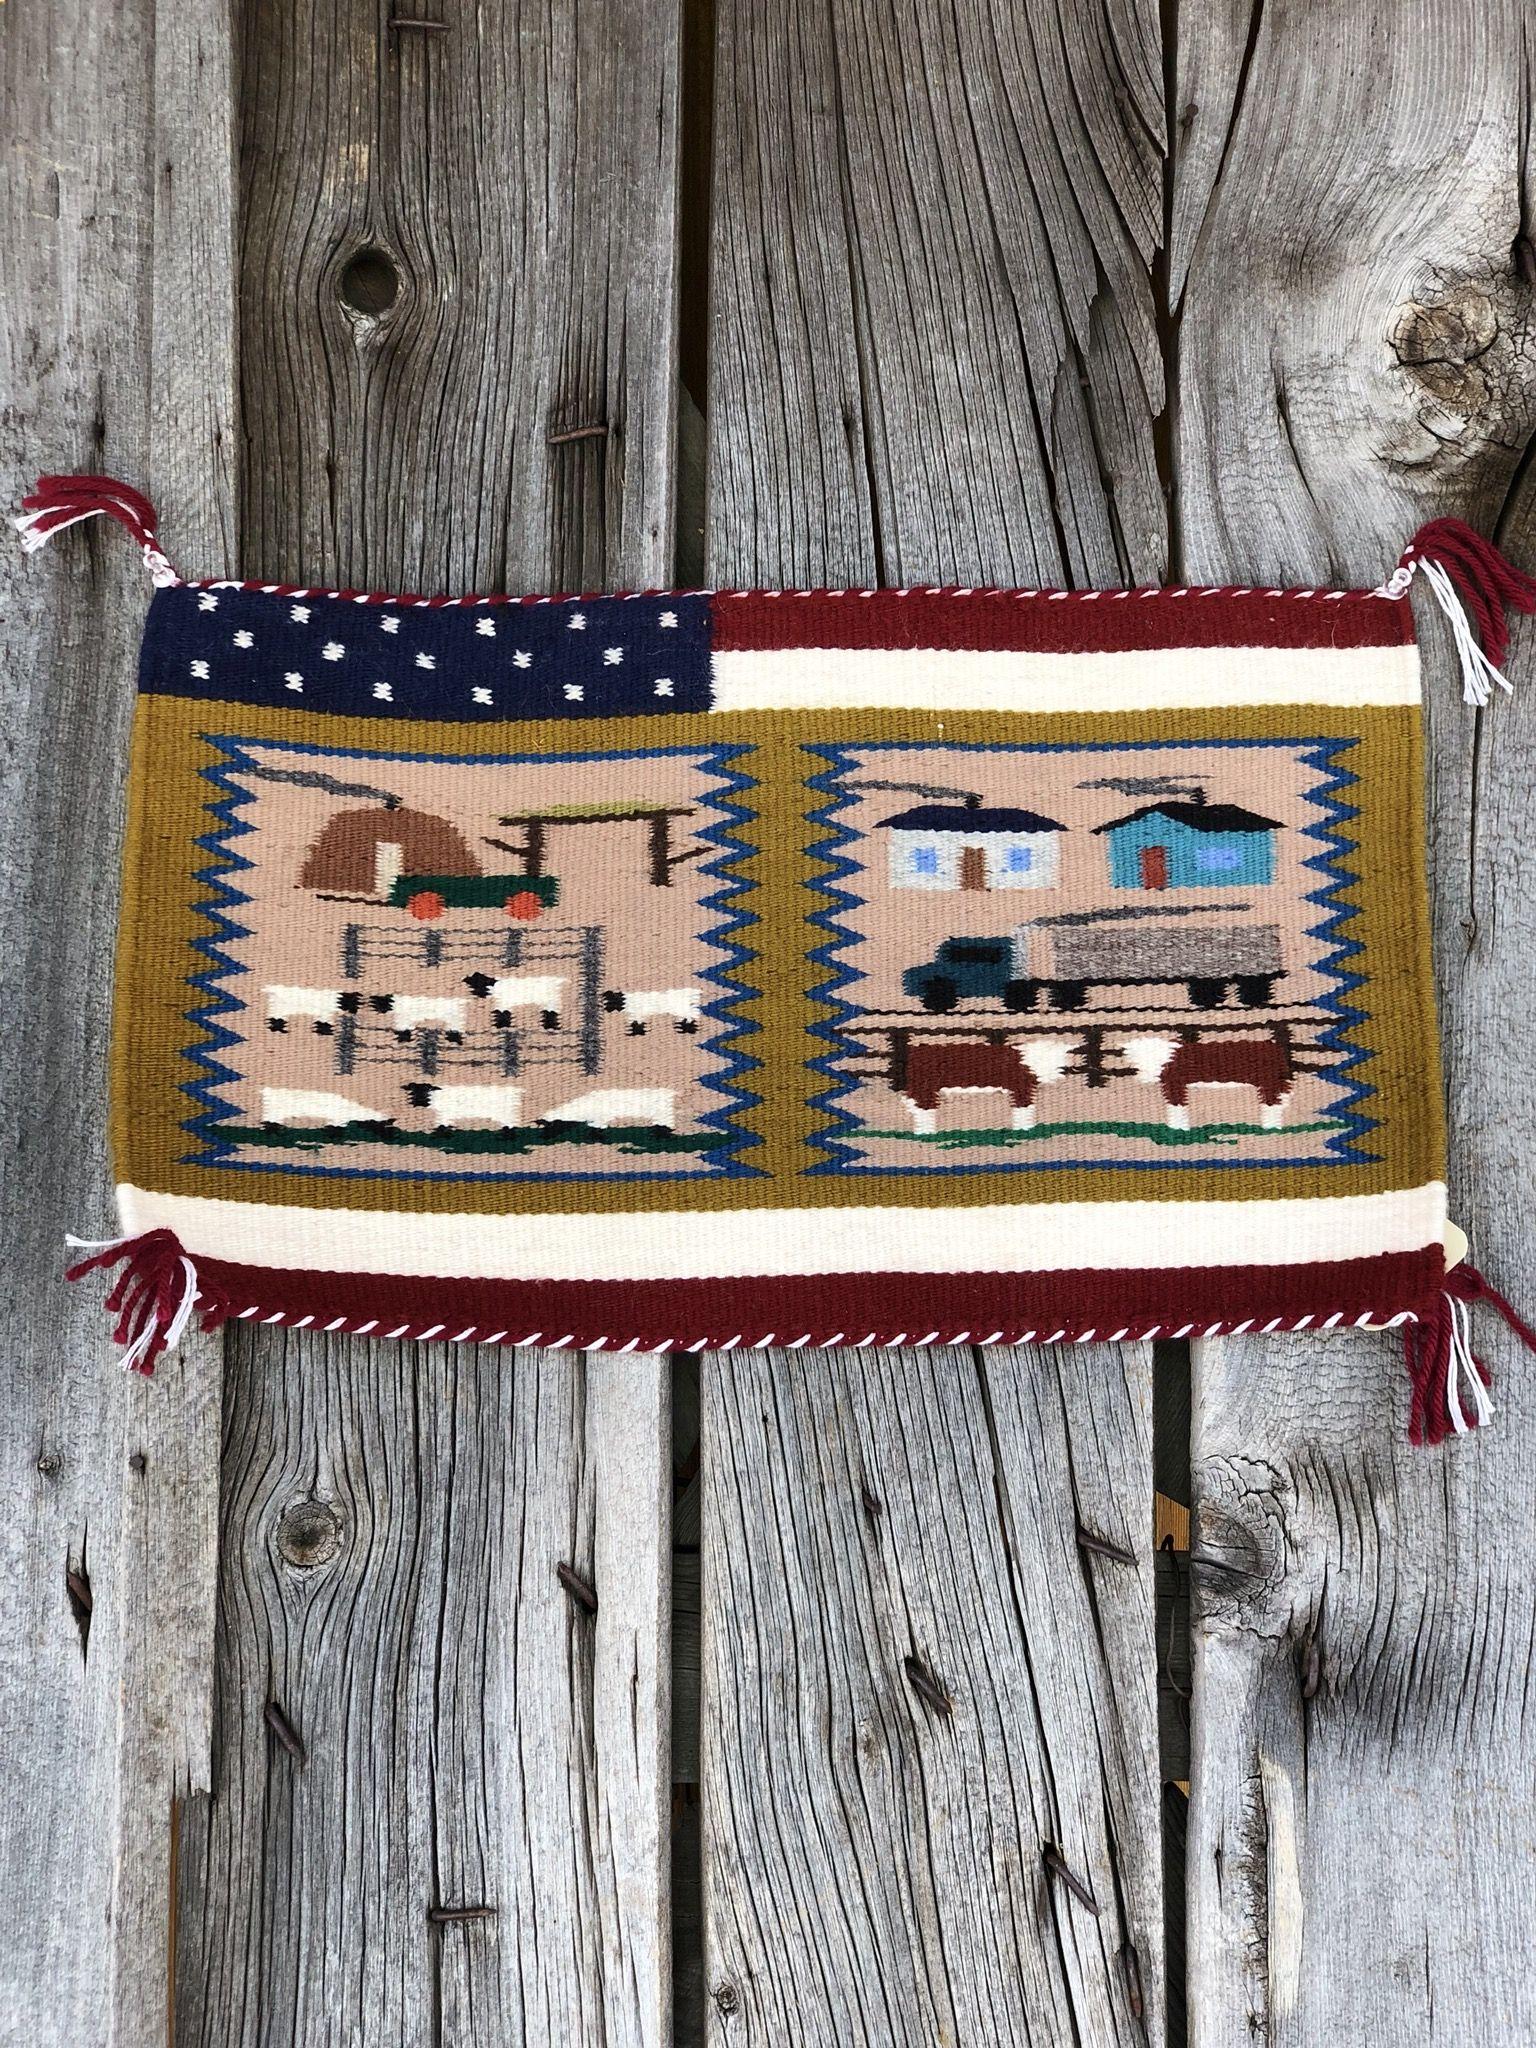 Genuine Navajo Rug Weaver: Irene Warren Area: Ariz Navajo Size: 20